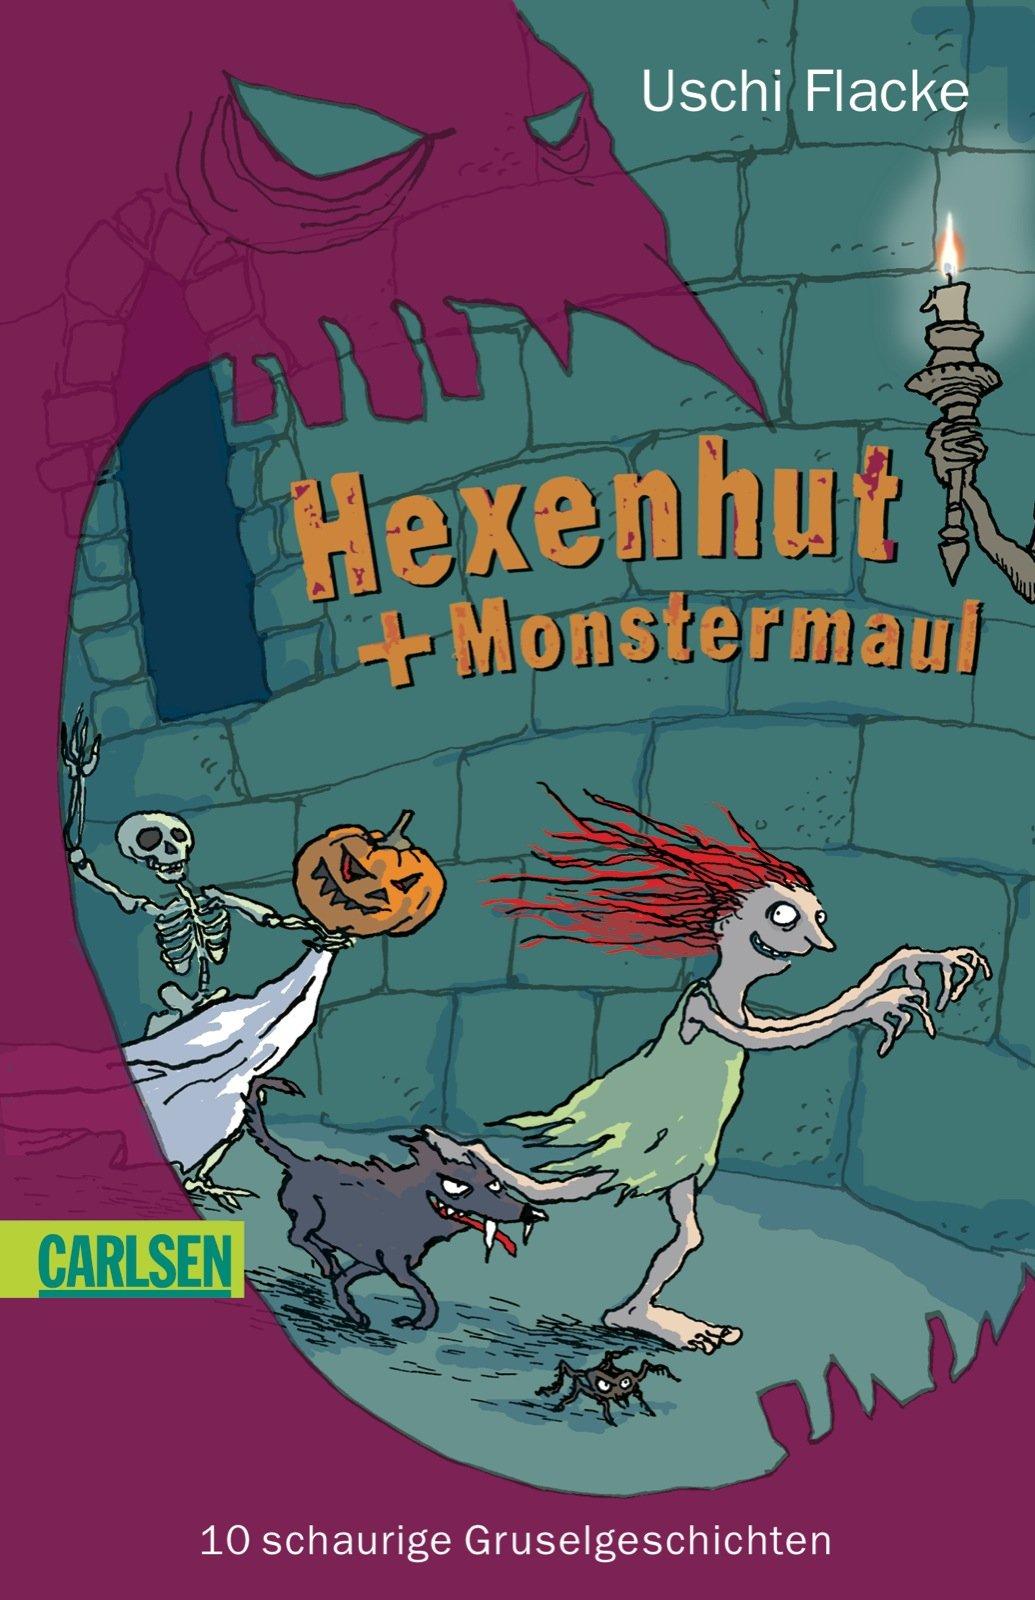 Hexenhut und Monstermaul